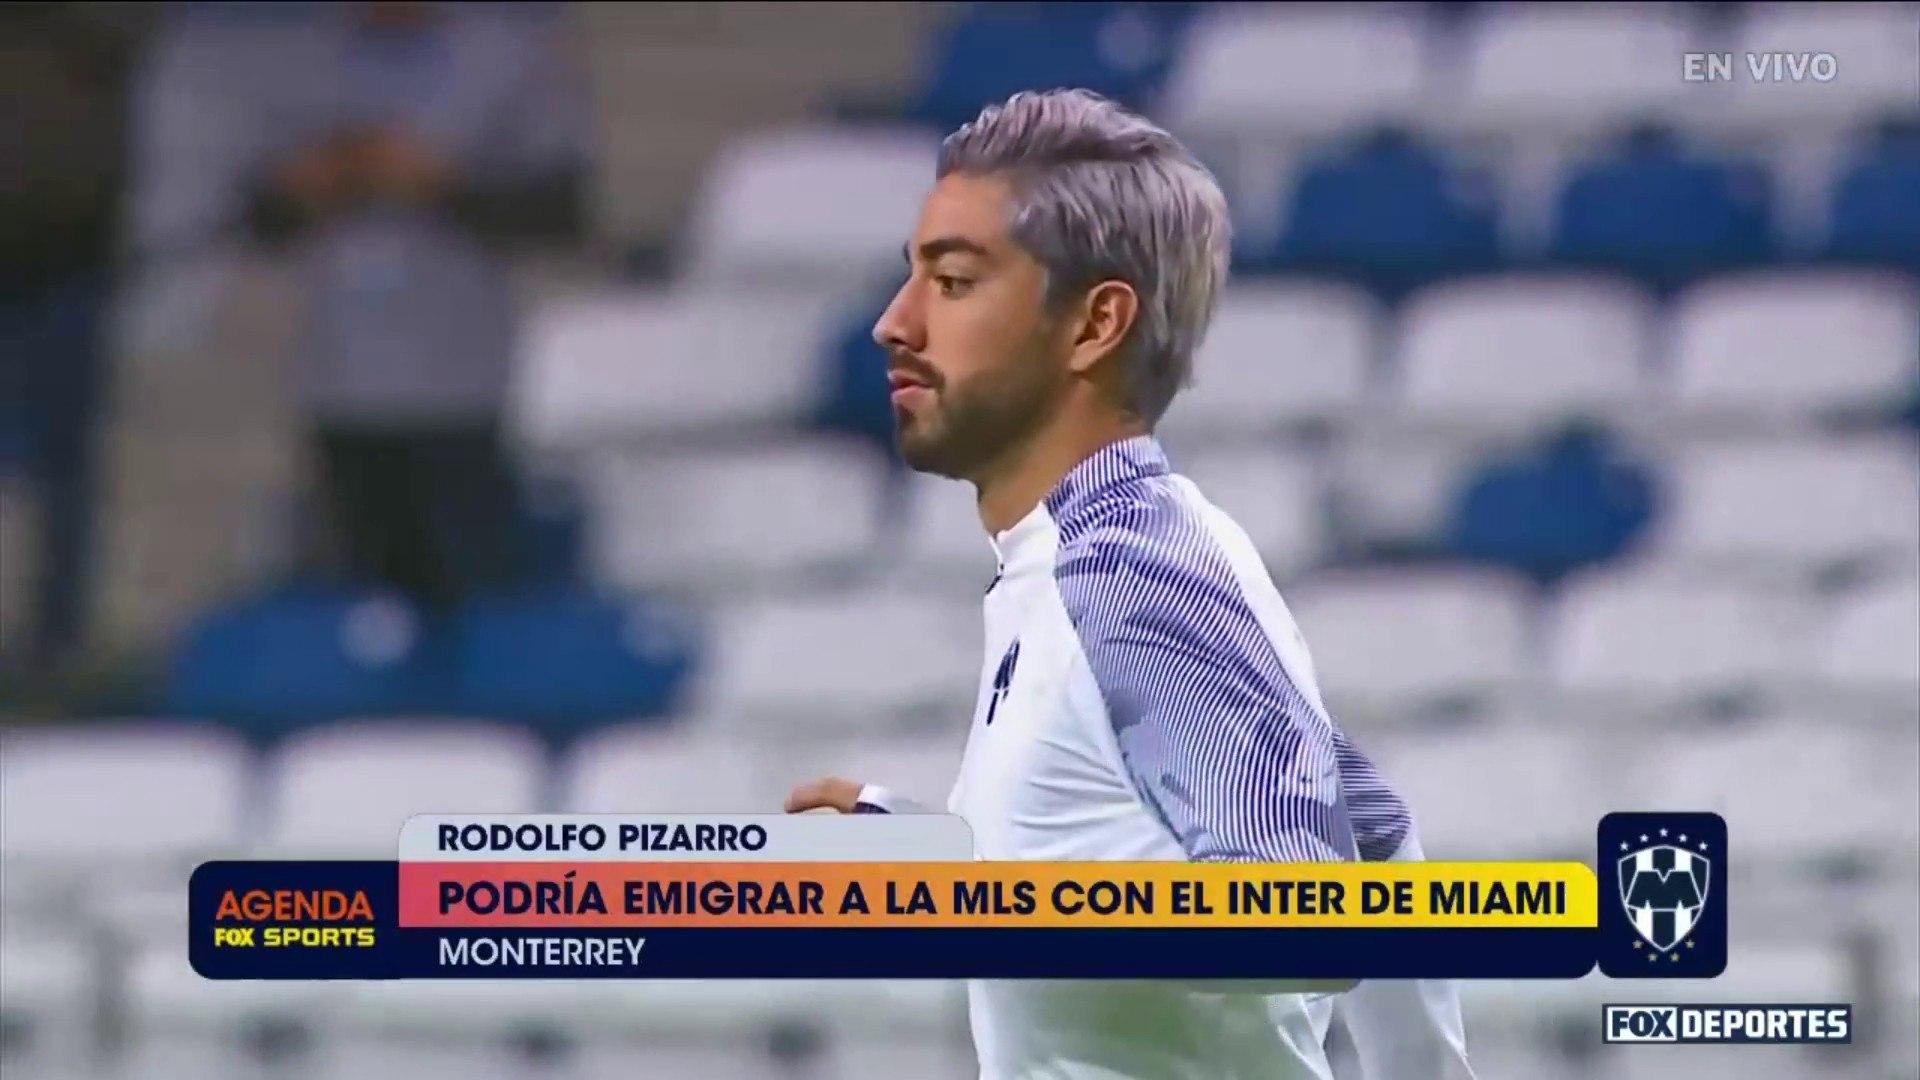 Agenda FOX Sports: ¿Se va ir Rodo Pizarro a la MLS?